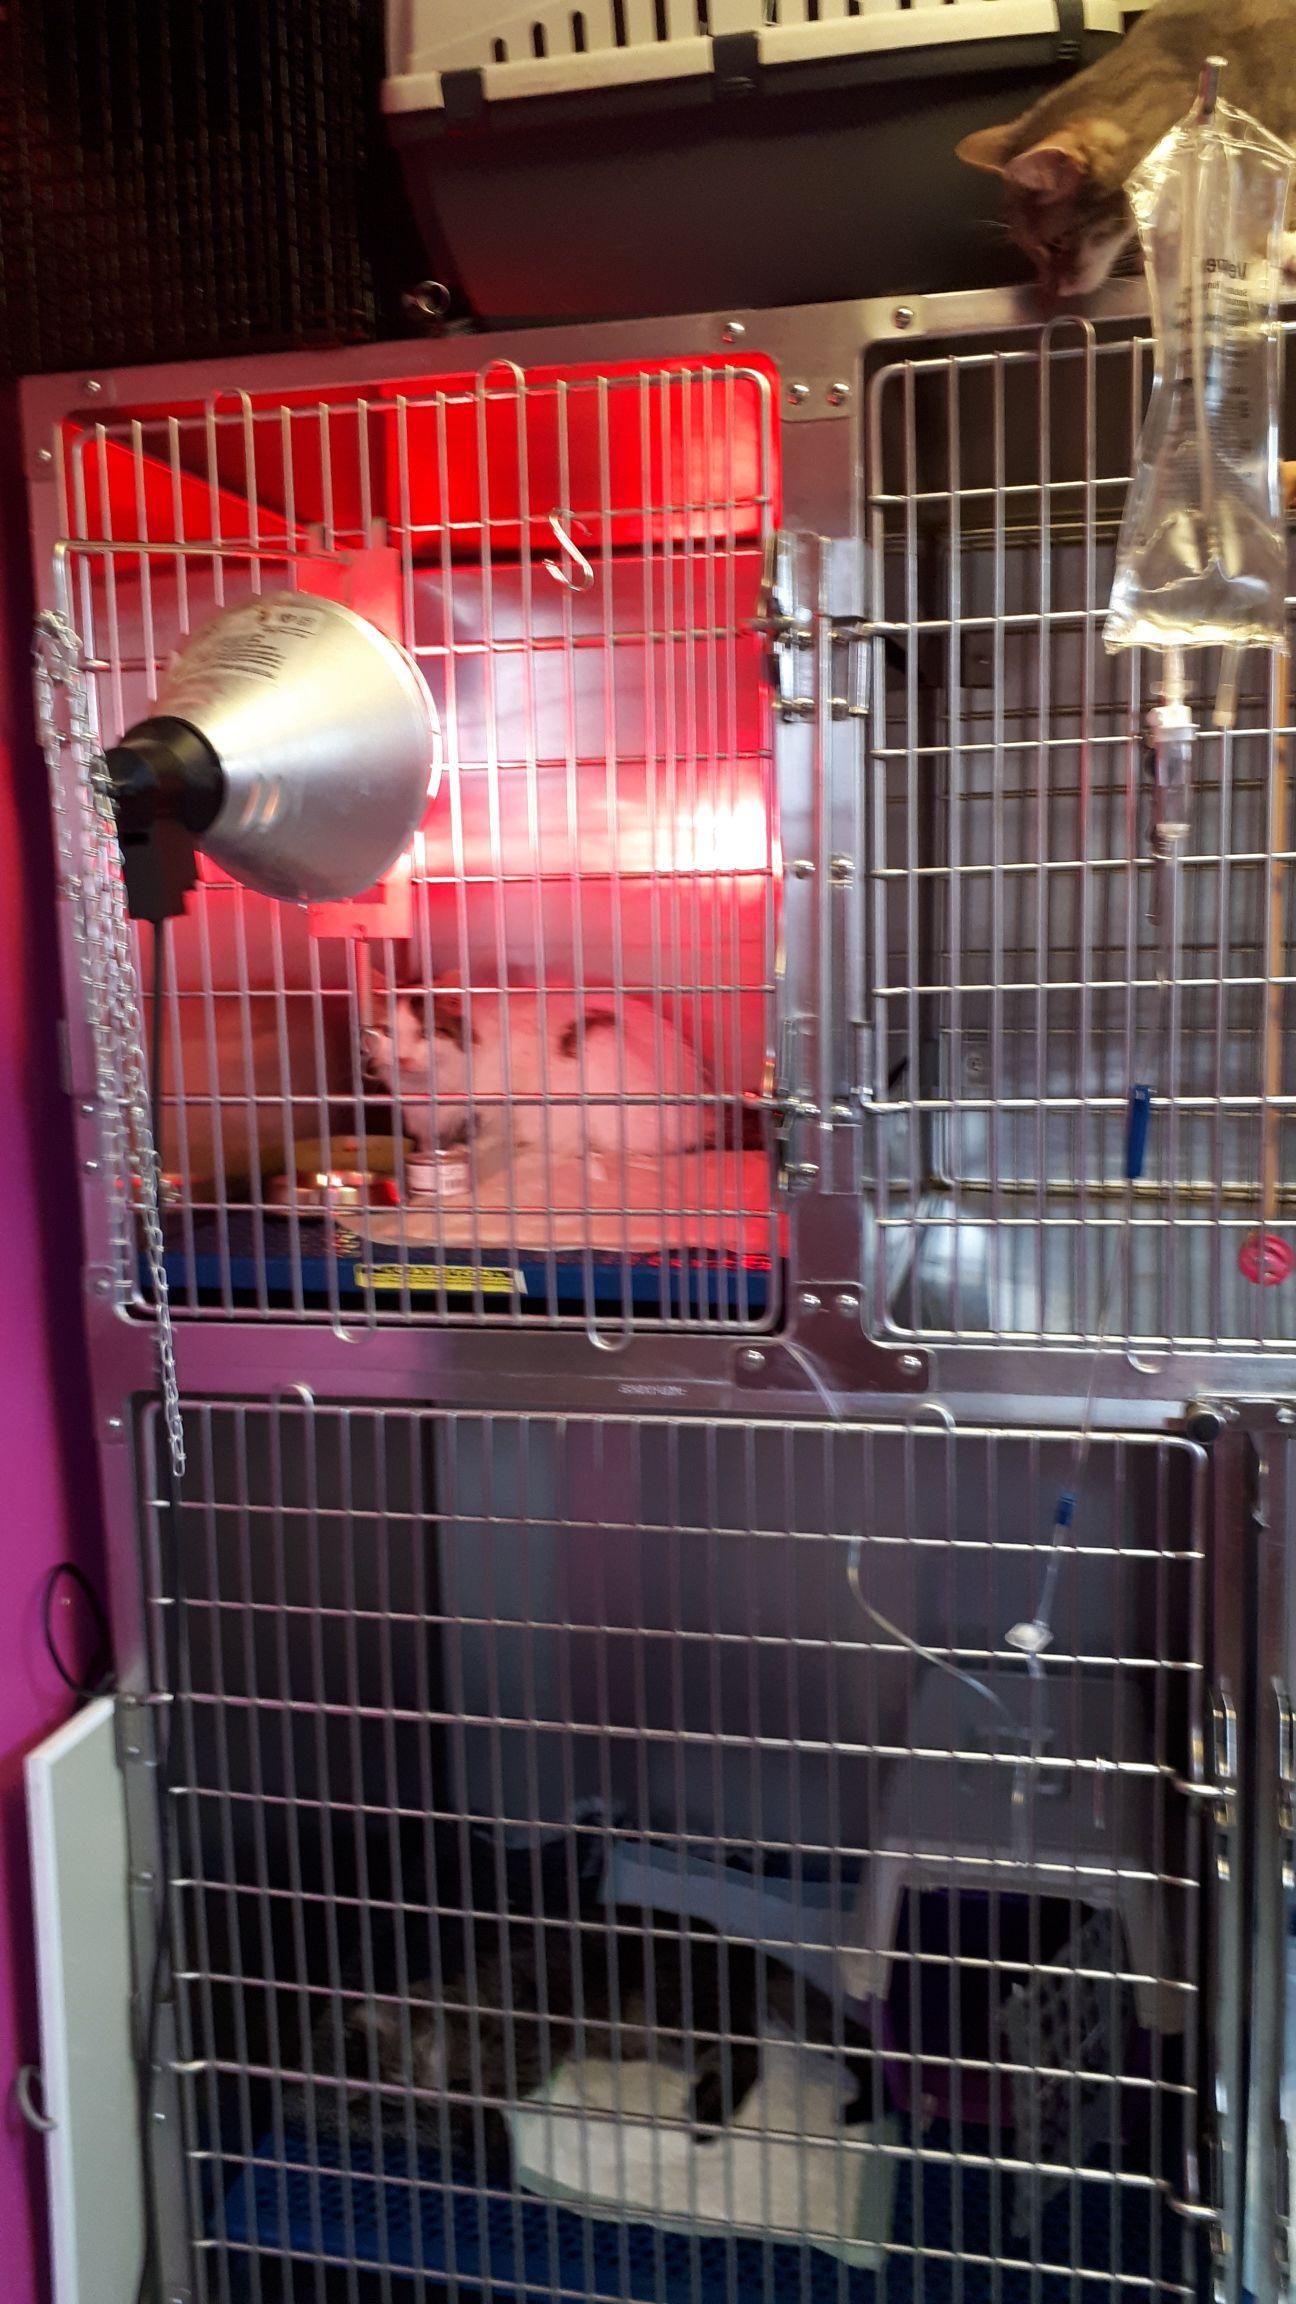 veterinaire-galerie-belgique (3)